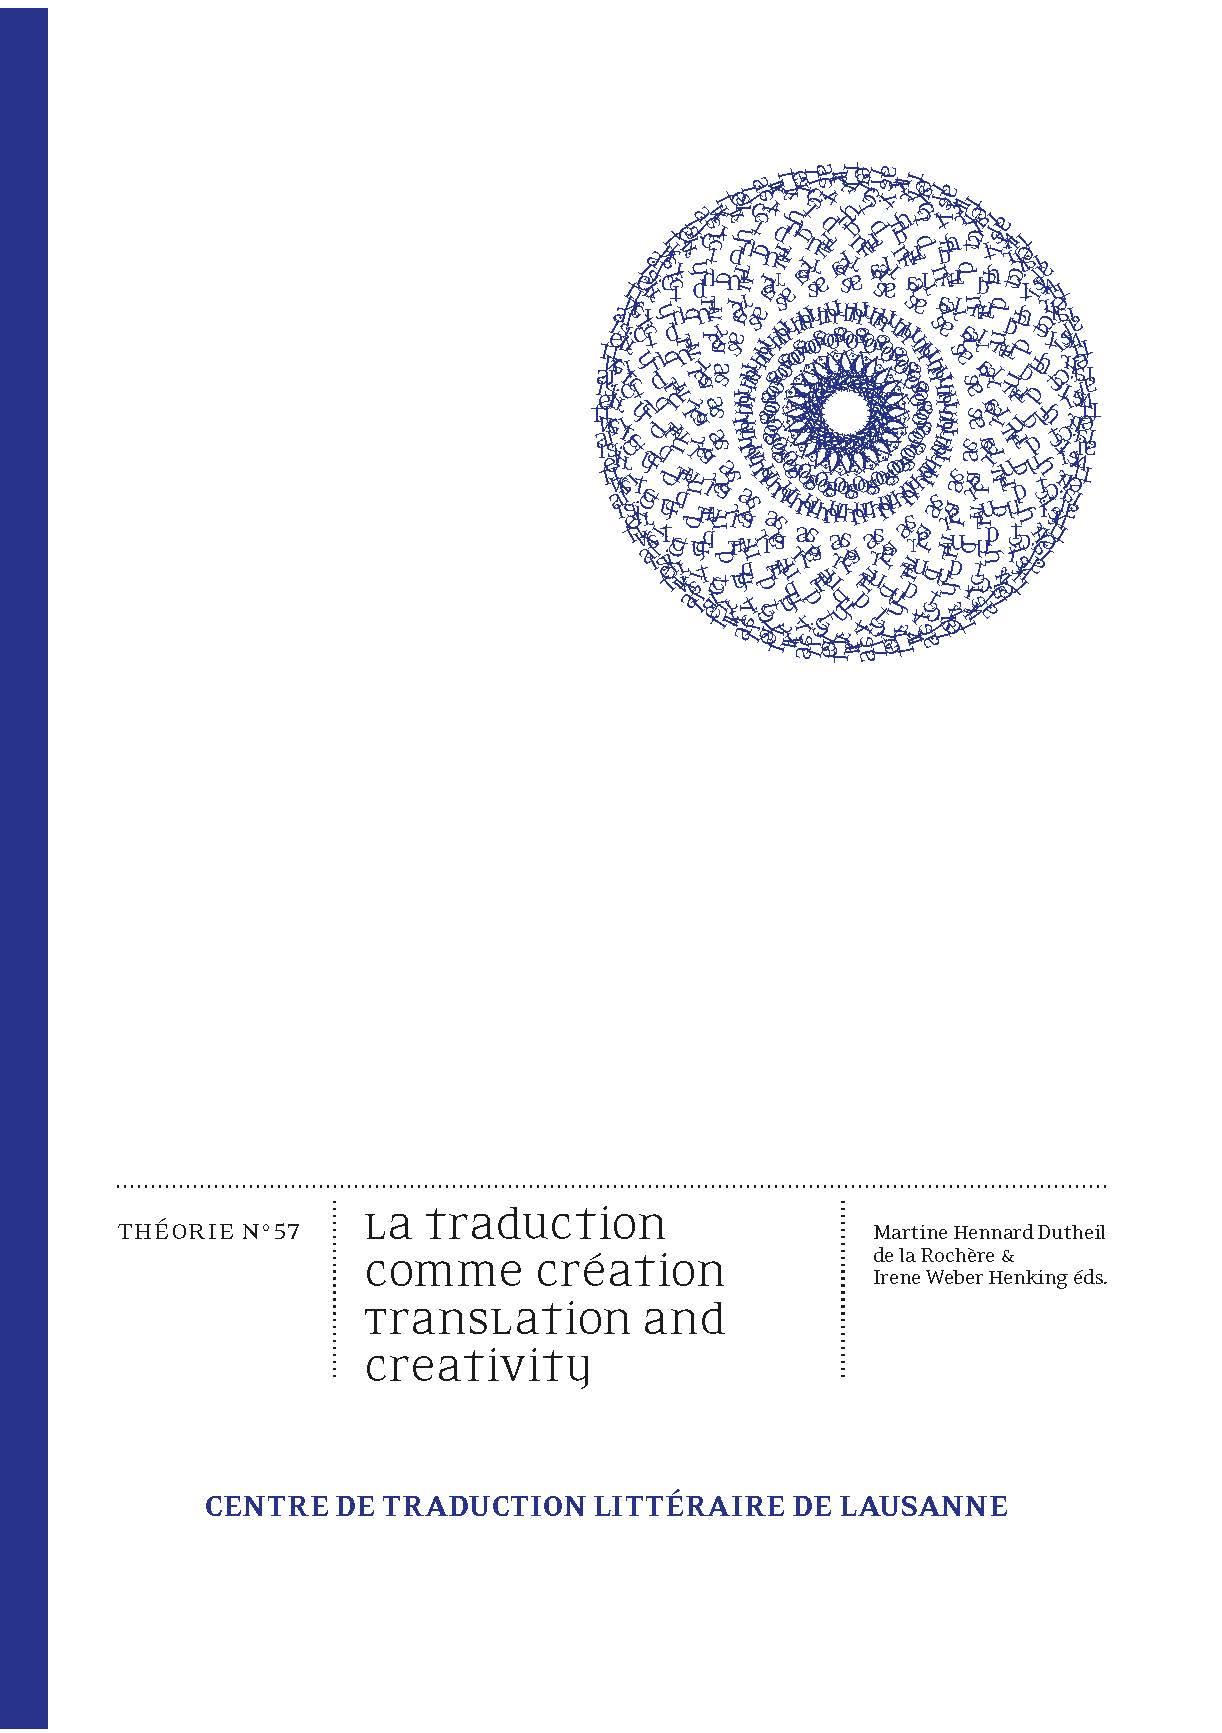 M. Hennard Dutheil de la Rochère & I. Weber Henking (éds.): La traduction comme création / Translation and creativity